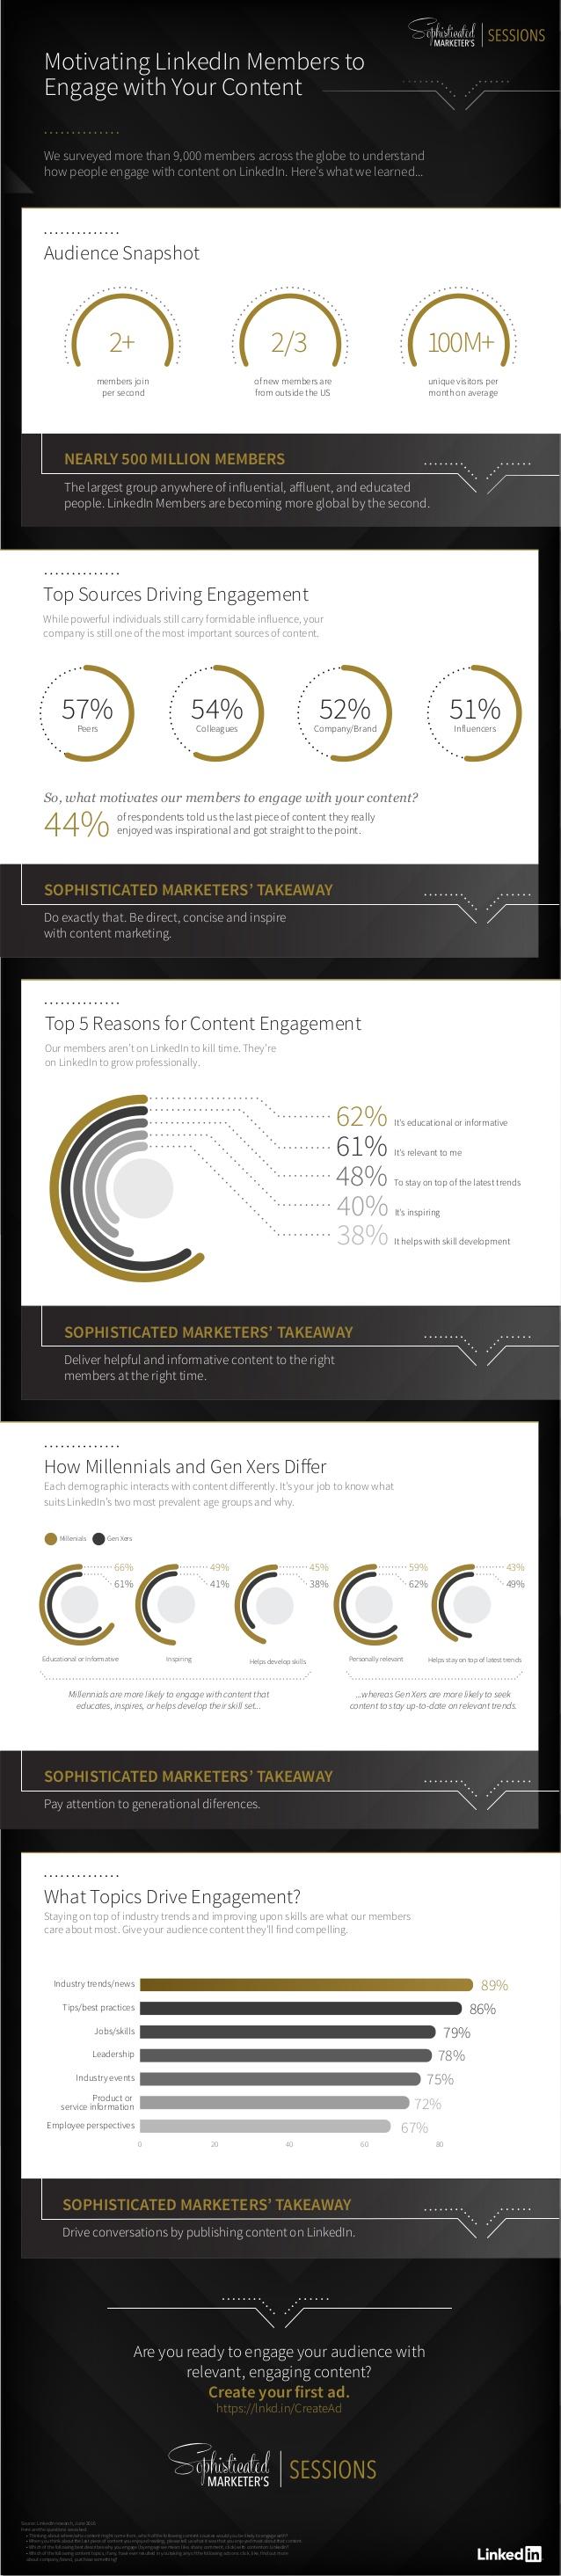 Meer interactie met LinkedIn content